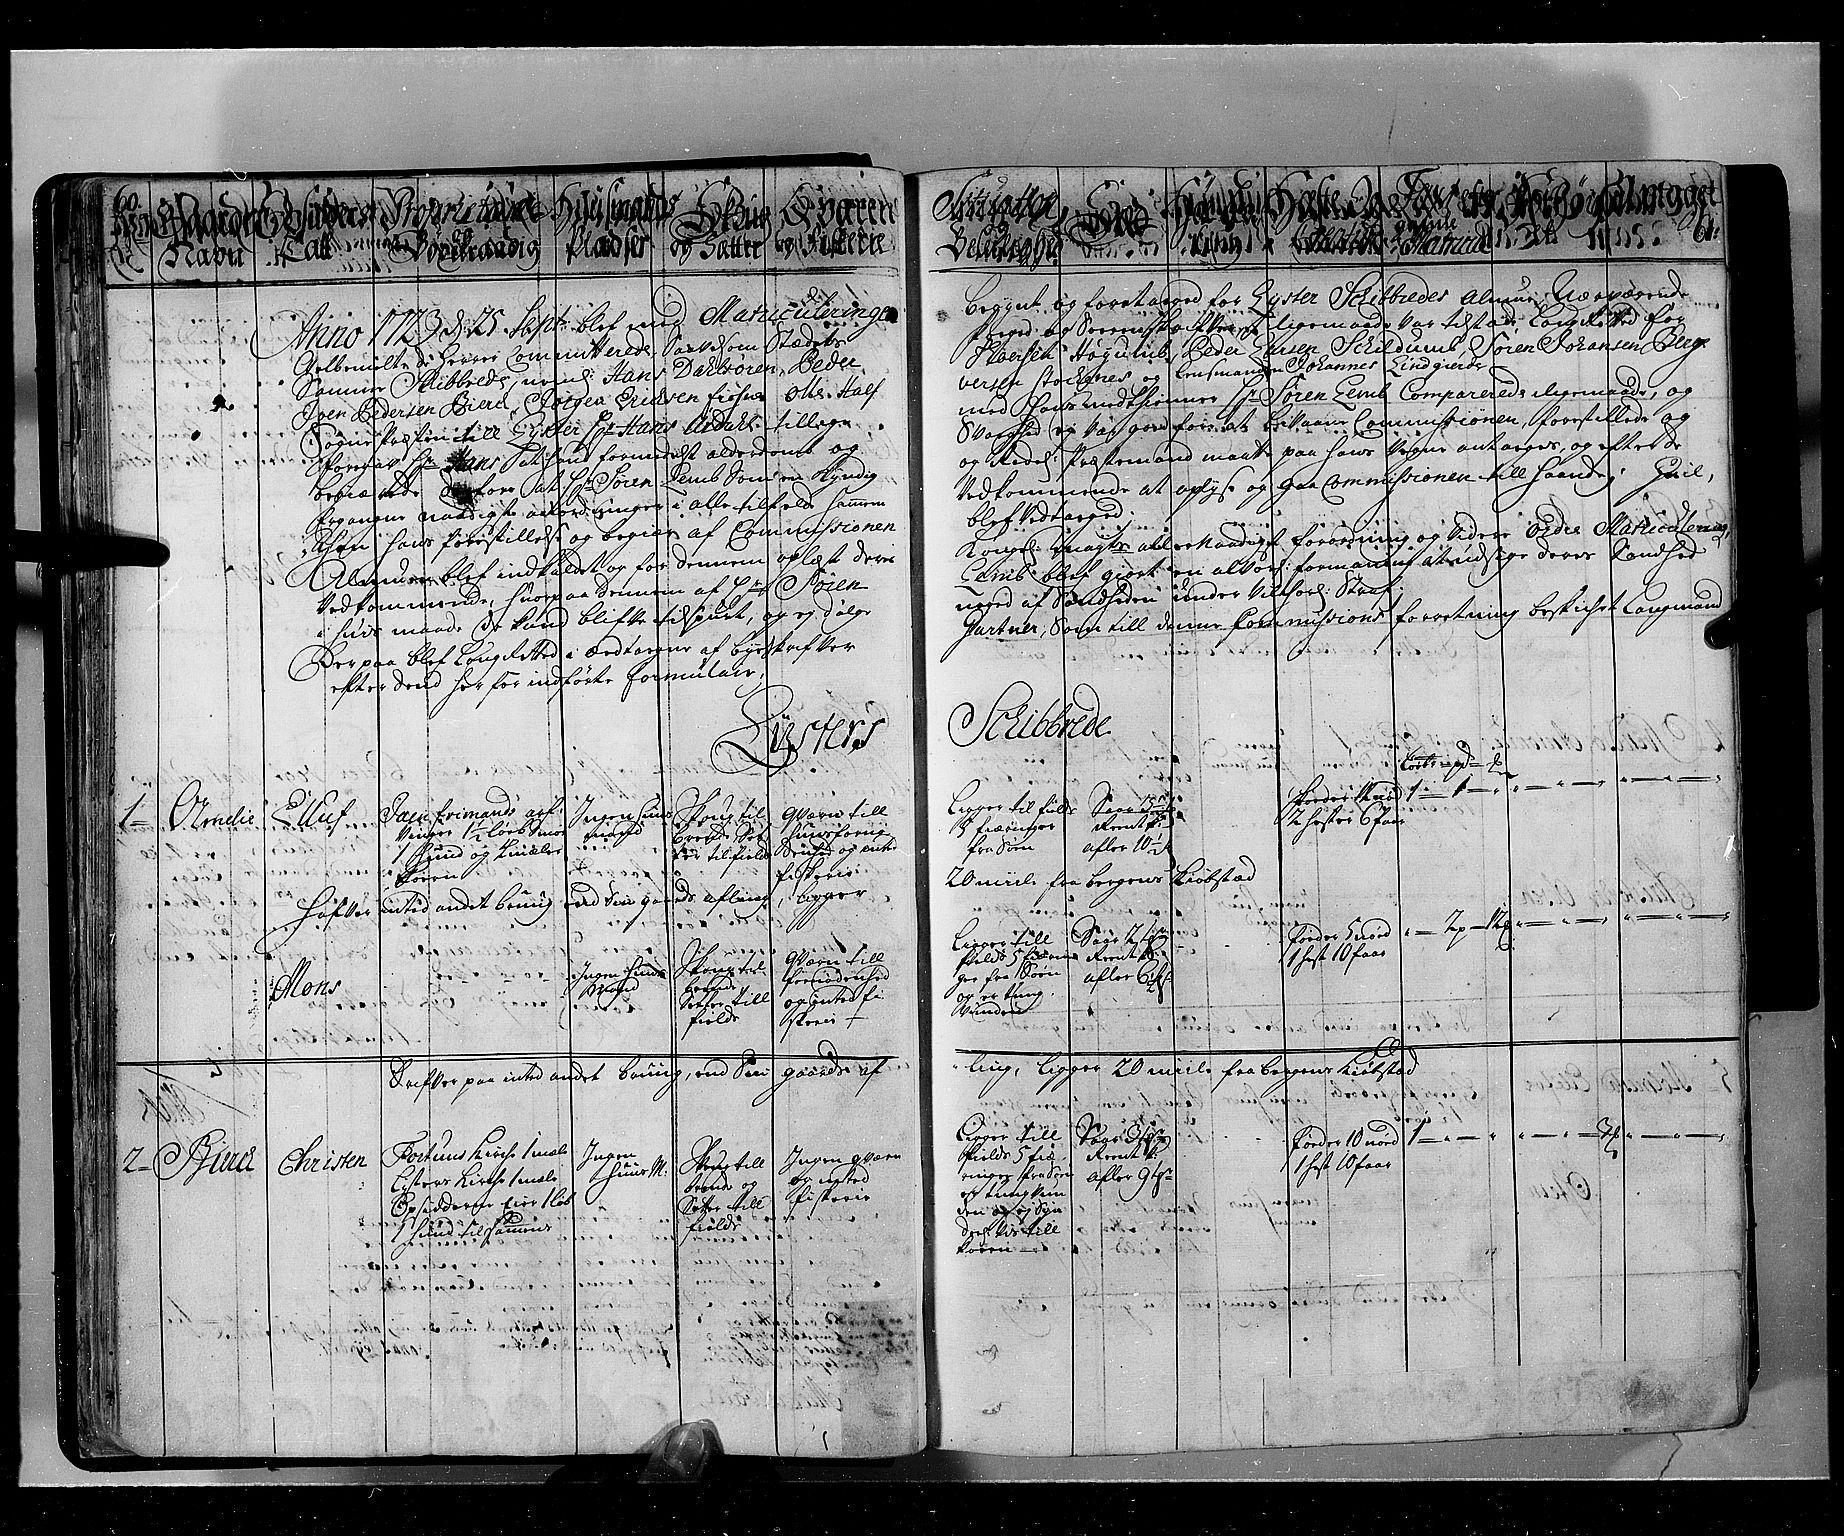 RA, Rentekammeret inntil 1814, Realistisk ordnet avdeling, N/Nb/Nbf/L0143: Ytre og Indre Sogn eksaminasjonsprotokoll, 1723, s. 60-61